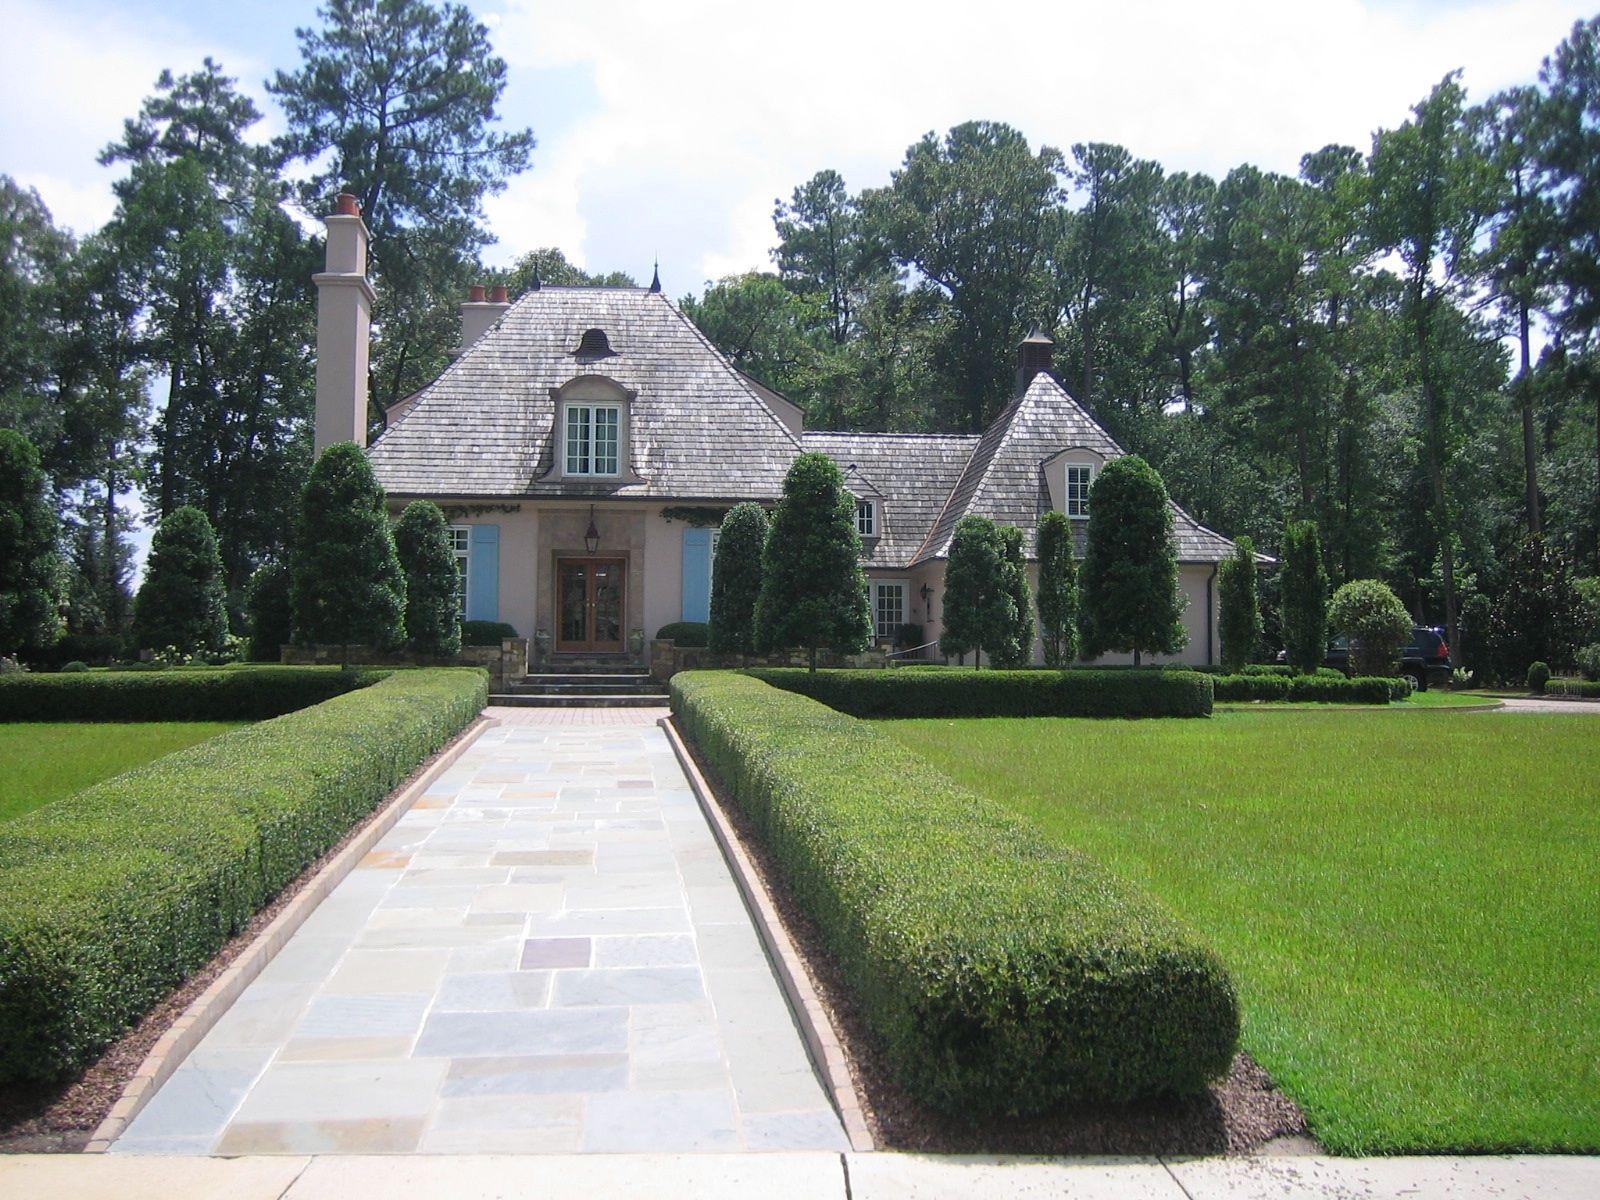 Jack arnold home la maison blanche pic gardens for Architecture de la maison blanche